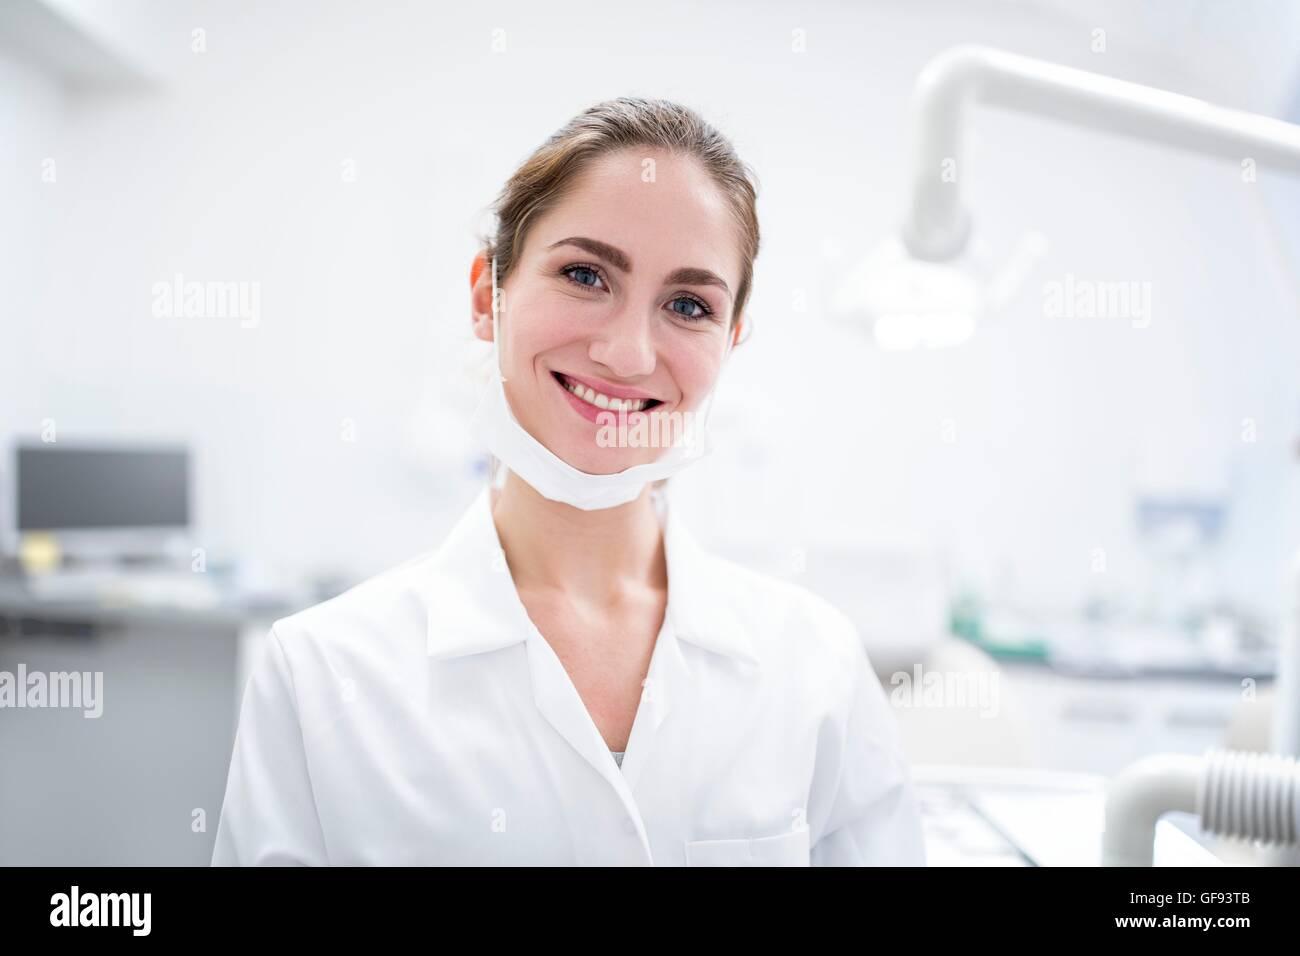 Modello rilasciato. Close-up di giovane donna dentista, ritratto. Foto Stock